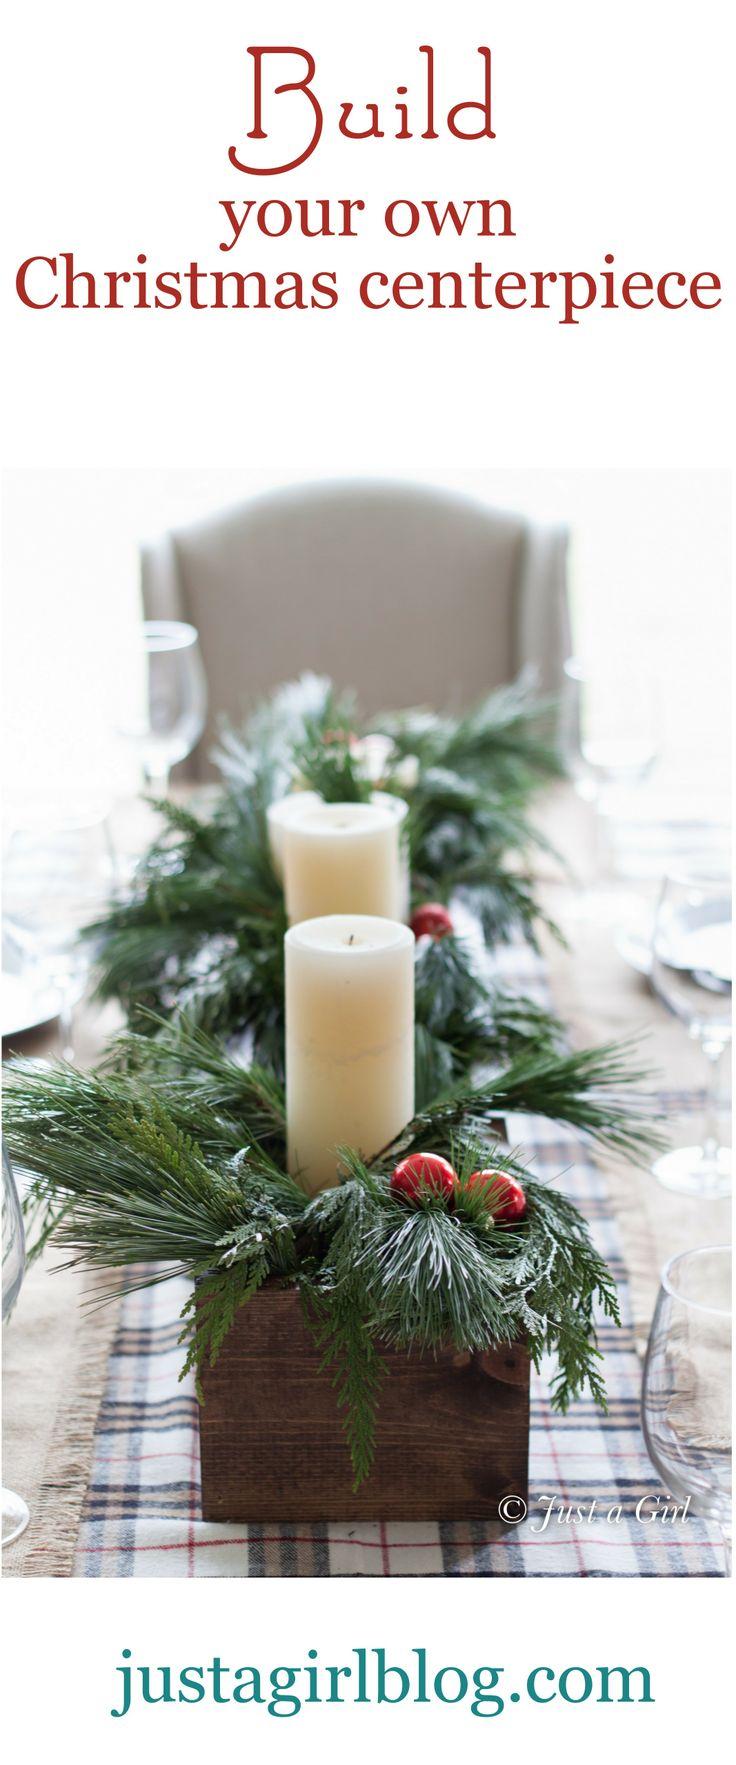 Christmas table #diy   Christmas   Pinterest   Christmas centerpieces, Christmas and Christmas decorations